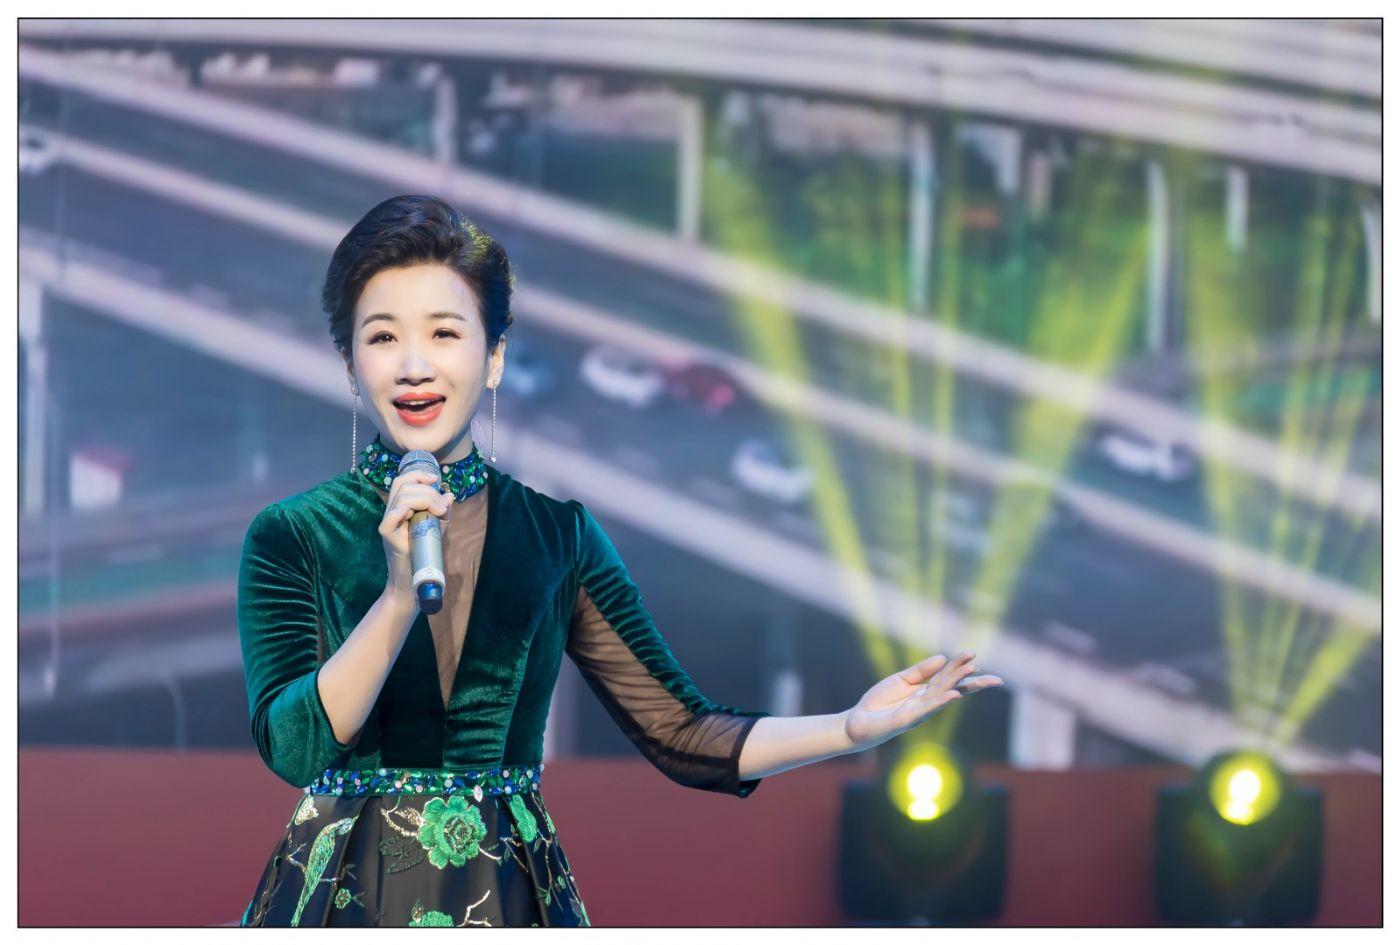 又见星光大道冠军歌手张海军 1月26央视播出 将自己唱哭的歌手 ..._图1-18